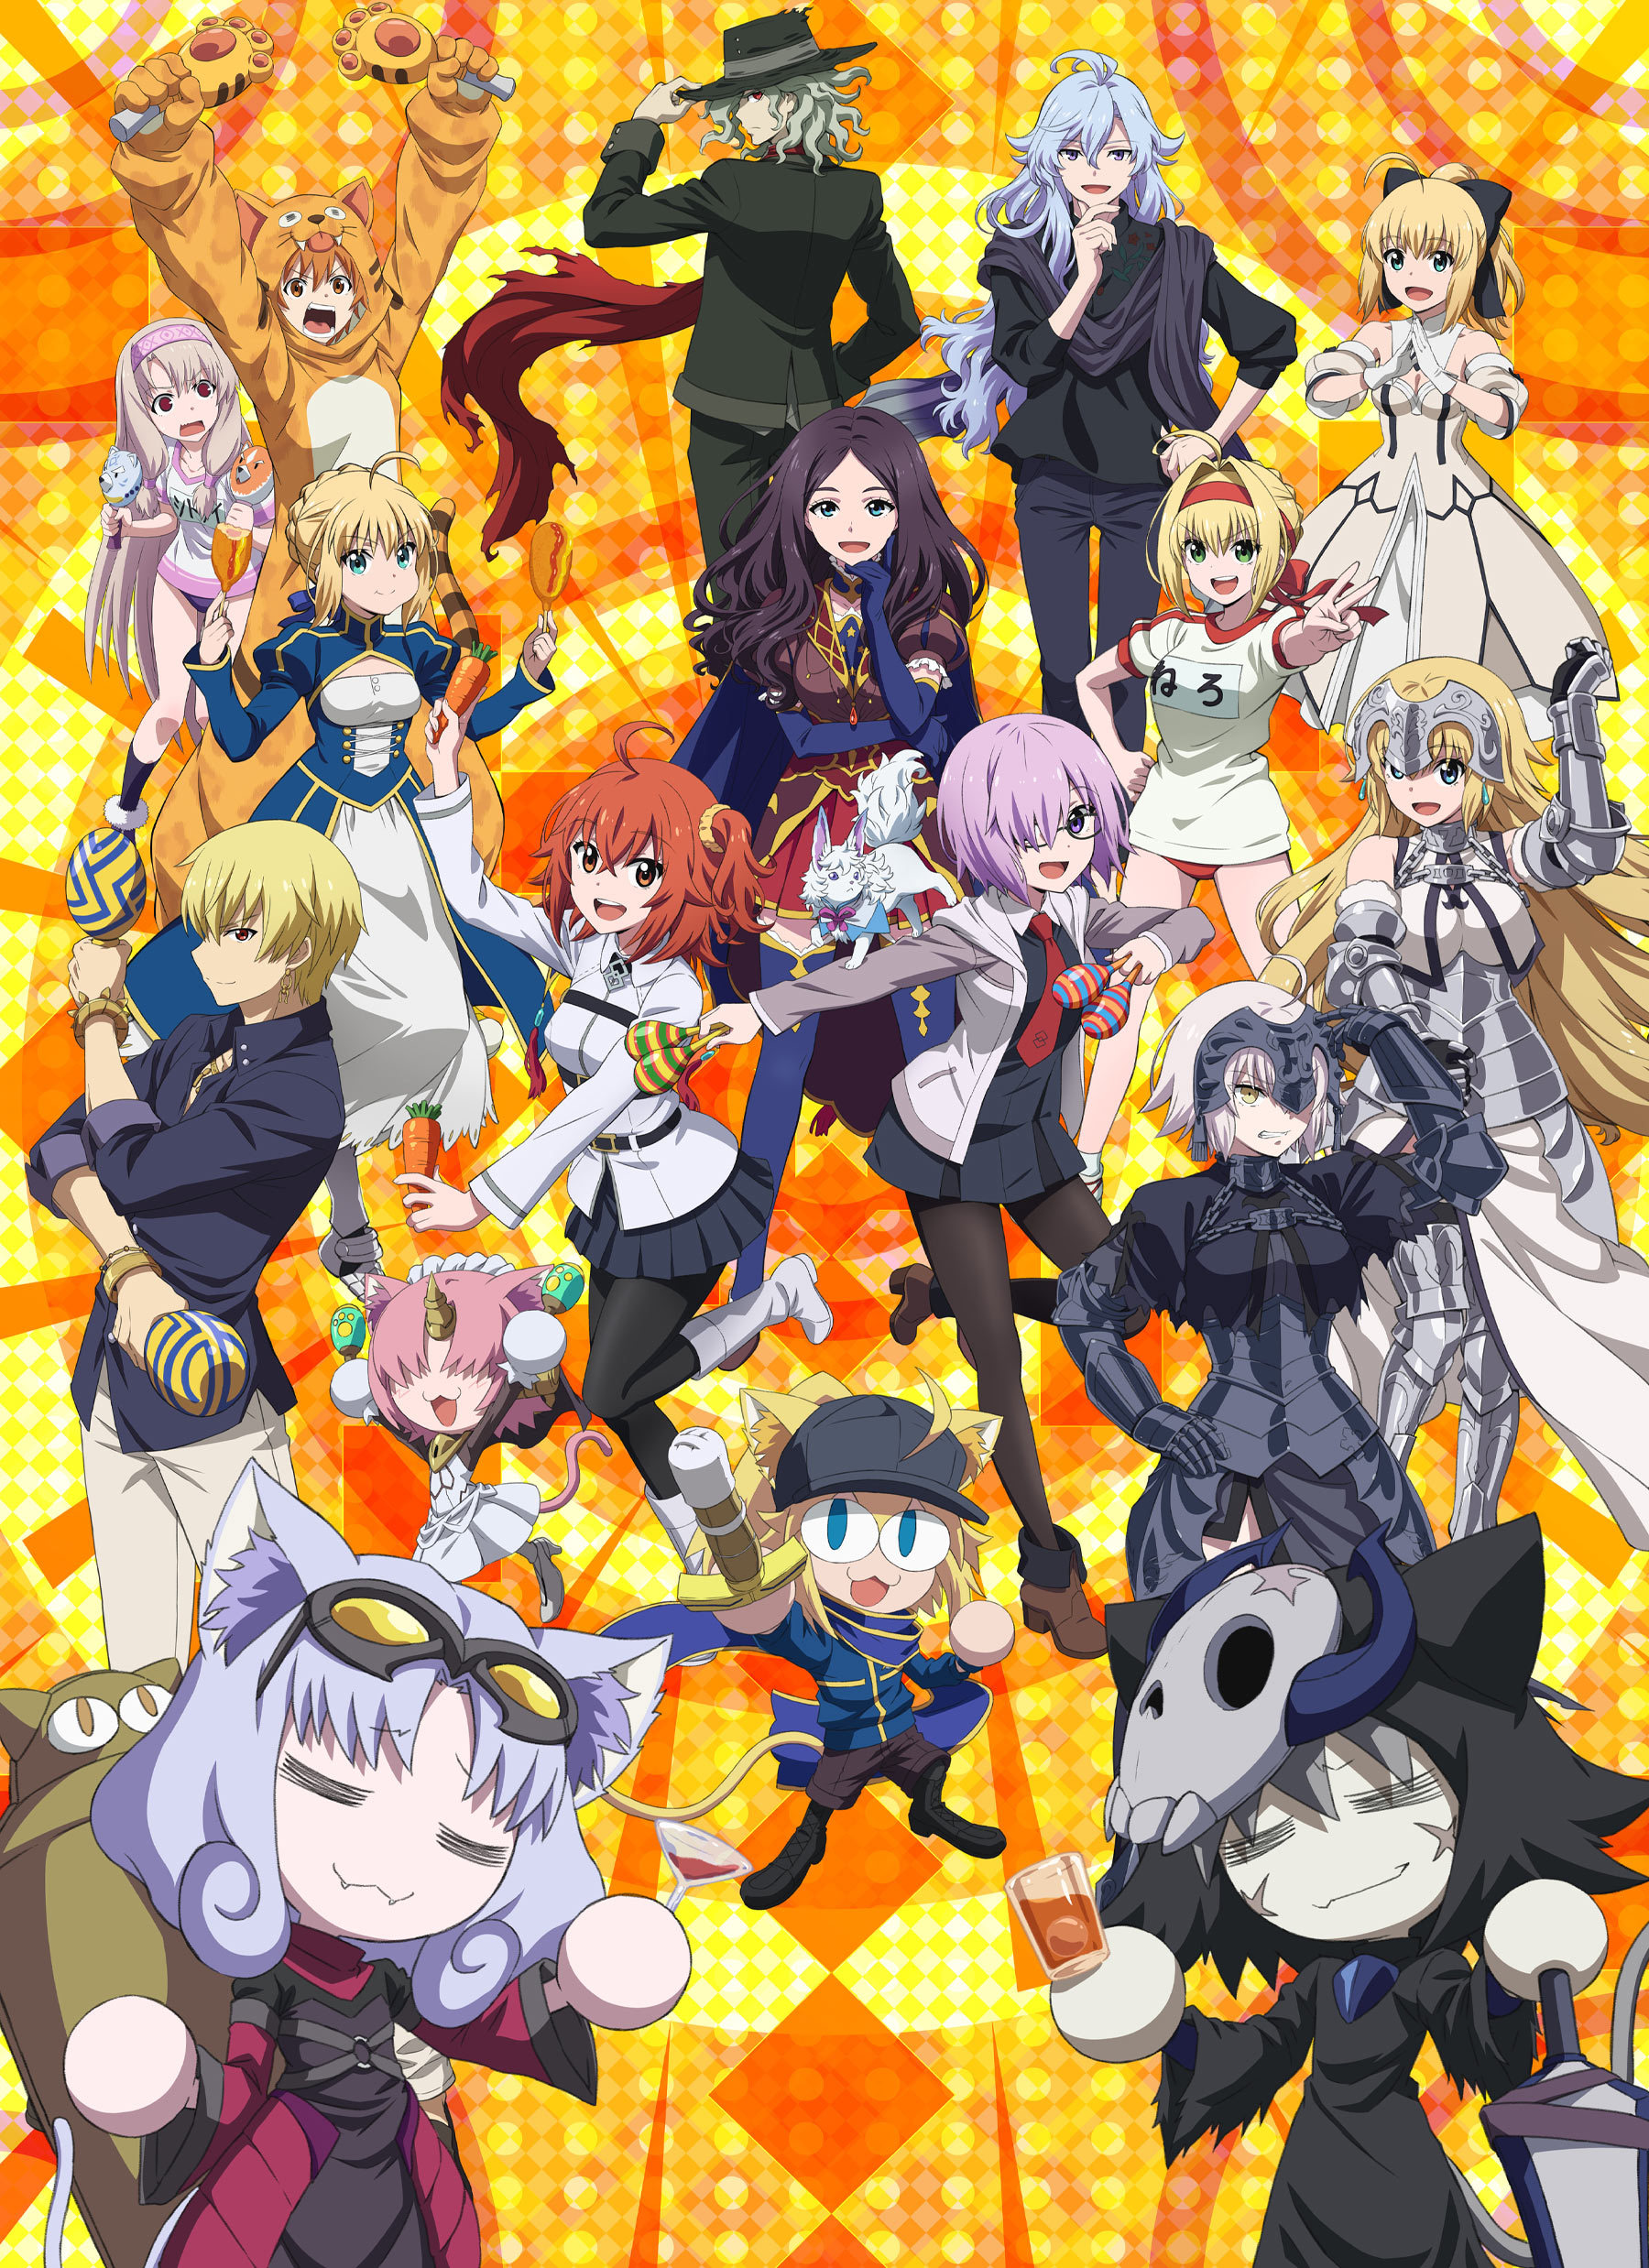 OVA动画《Fate/Grand Carnival》今天6月2日发售,片头曲影像公开-